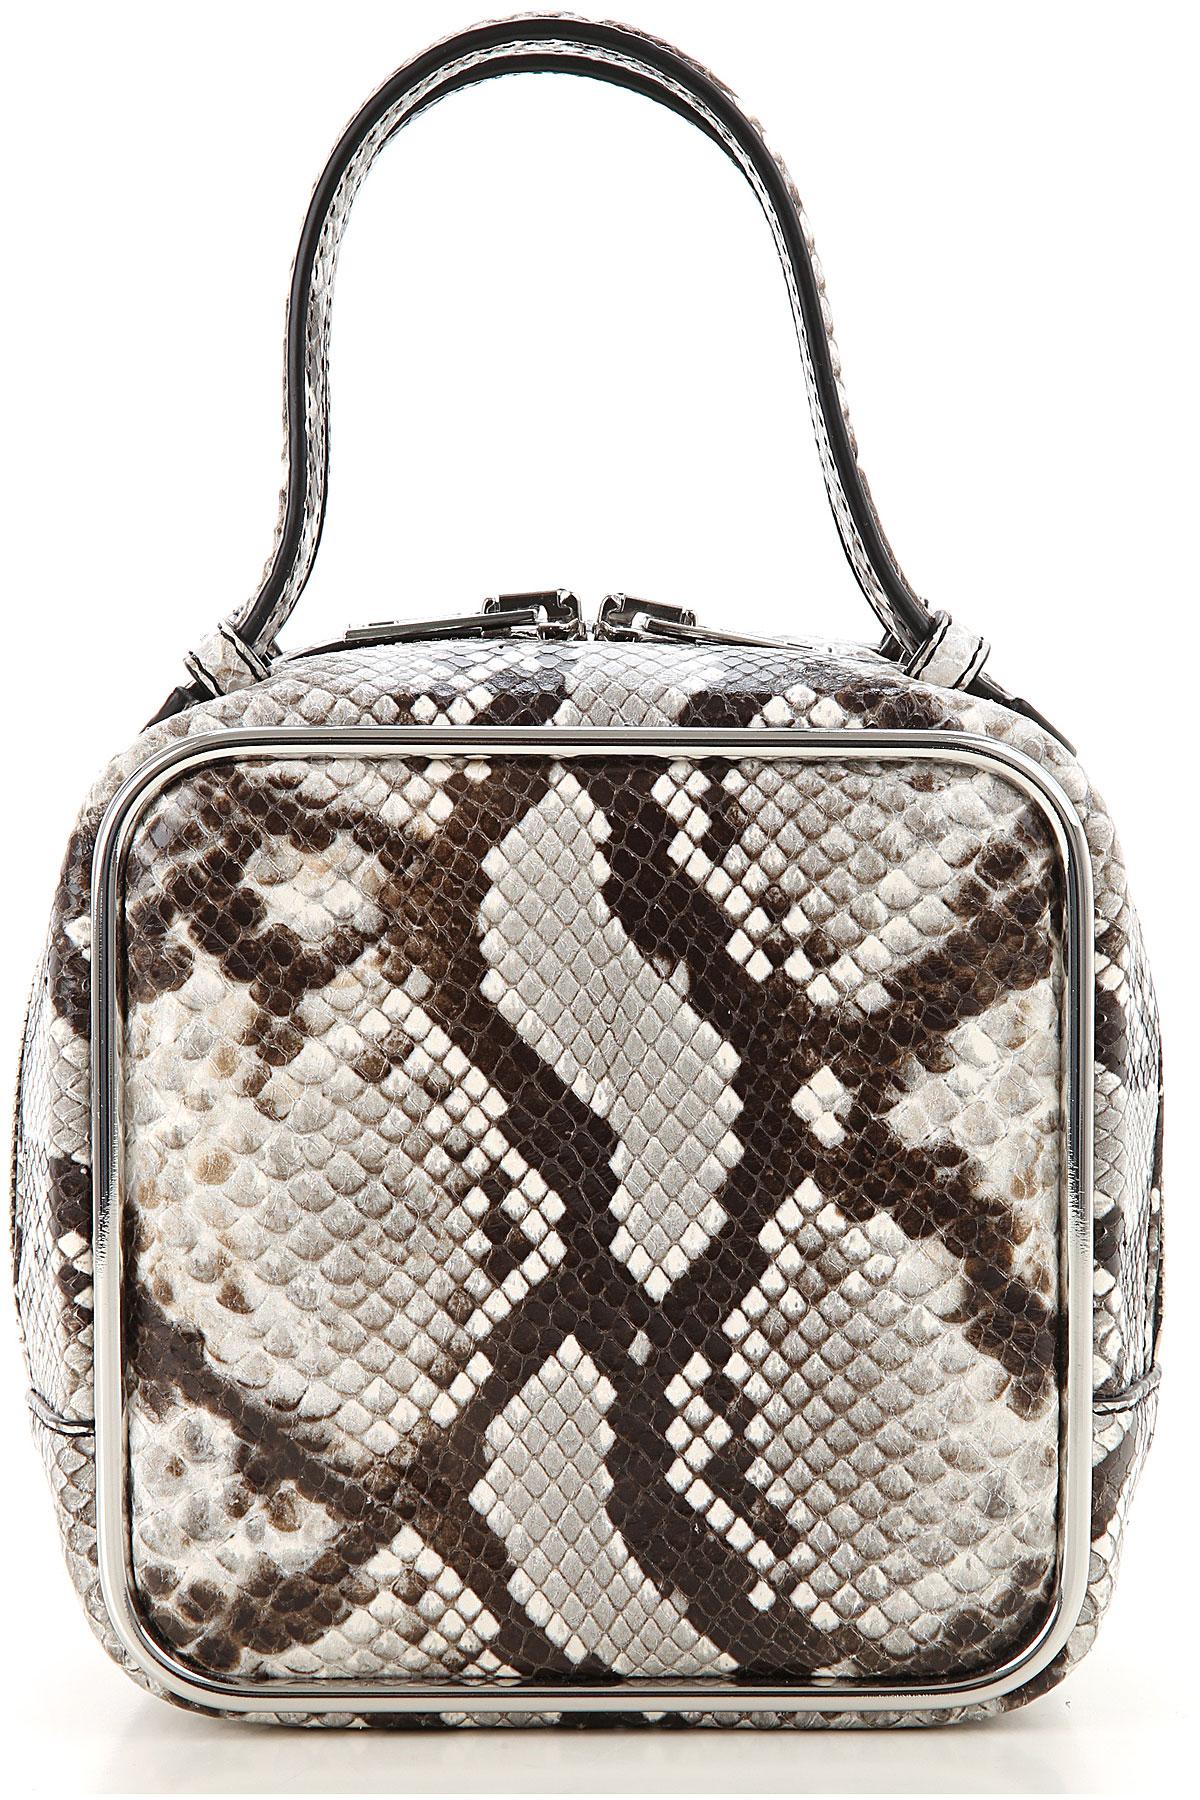 Alexander Wang Top Handle Handbag On Sale, Stone, Leather, 2019